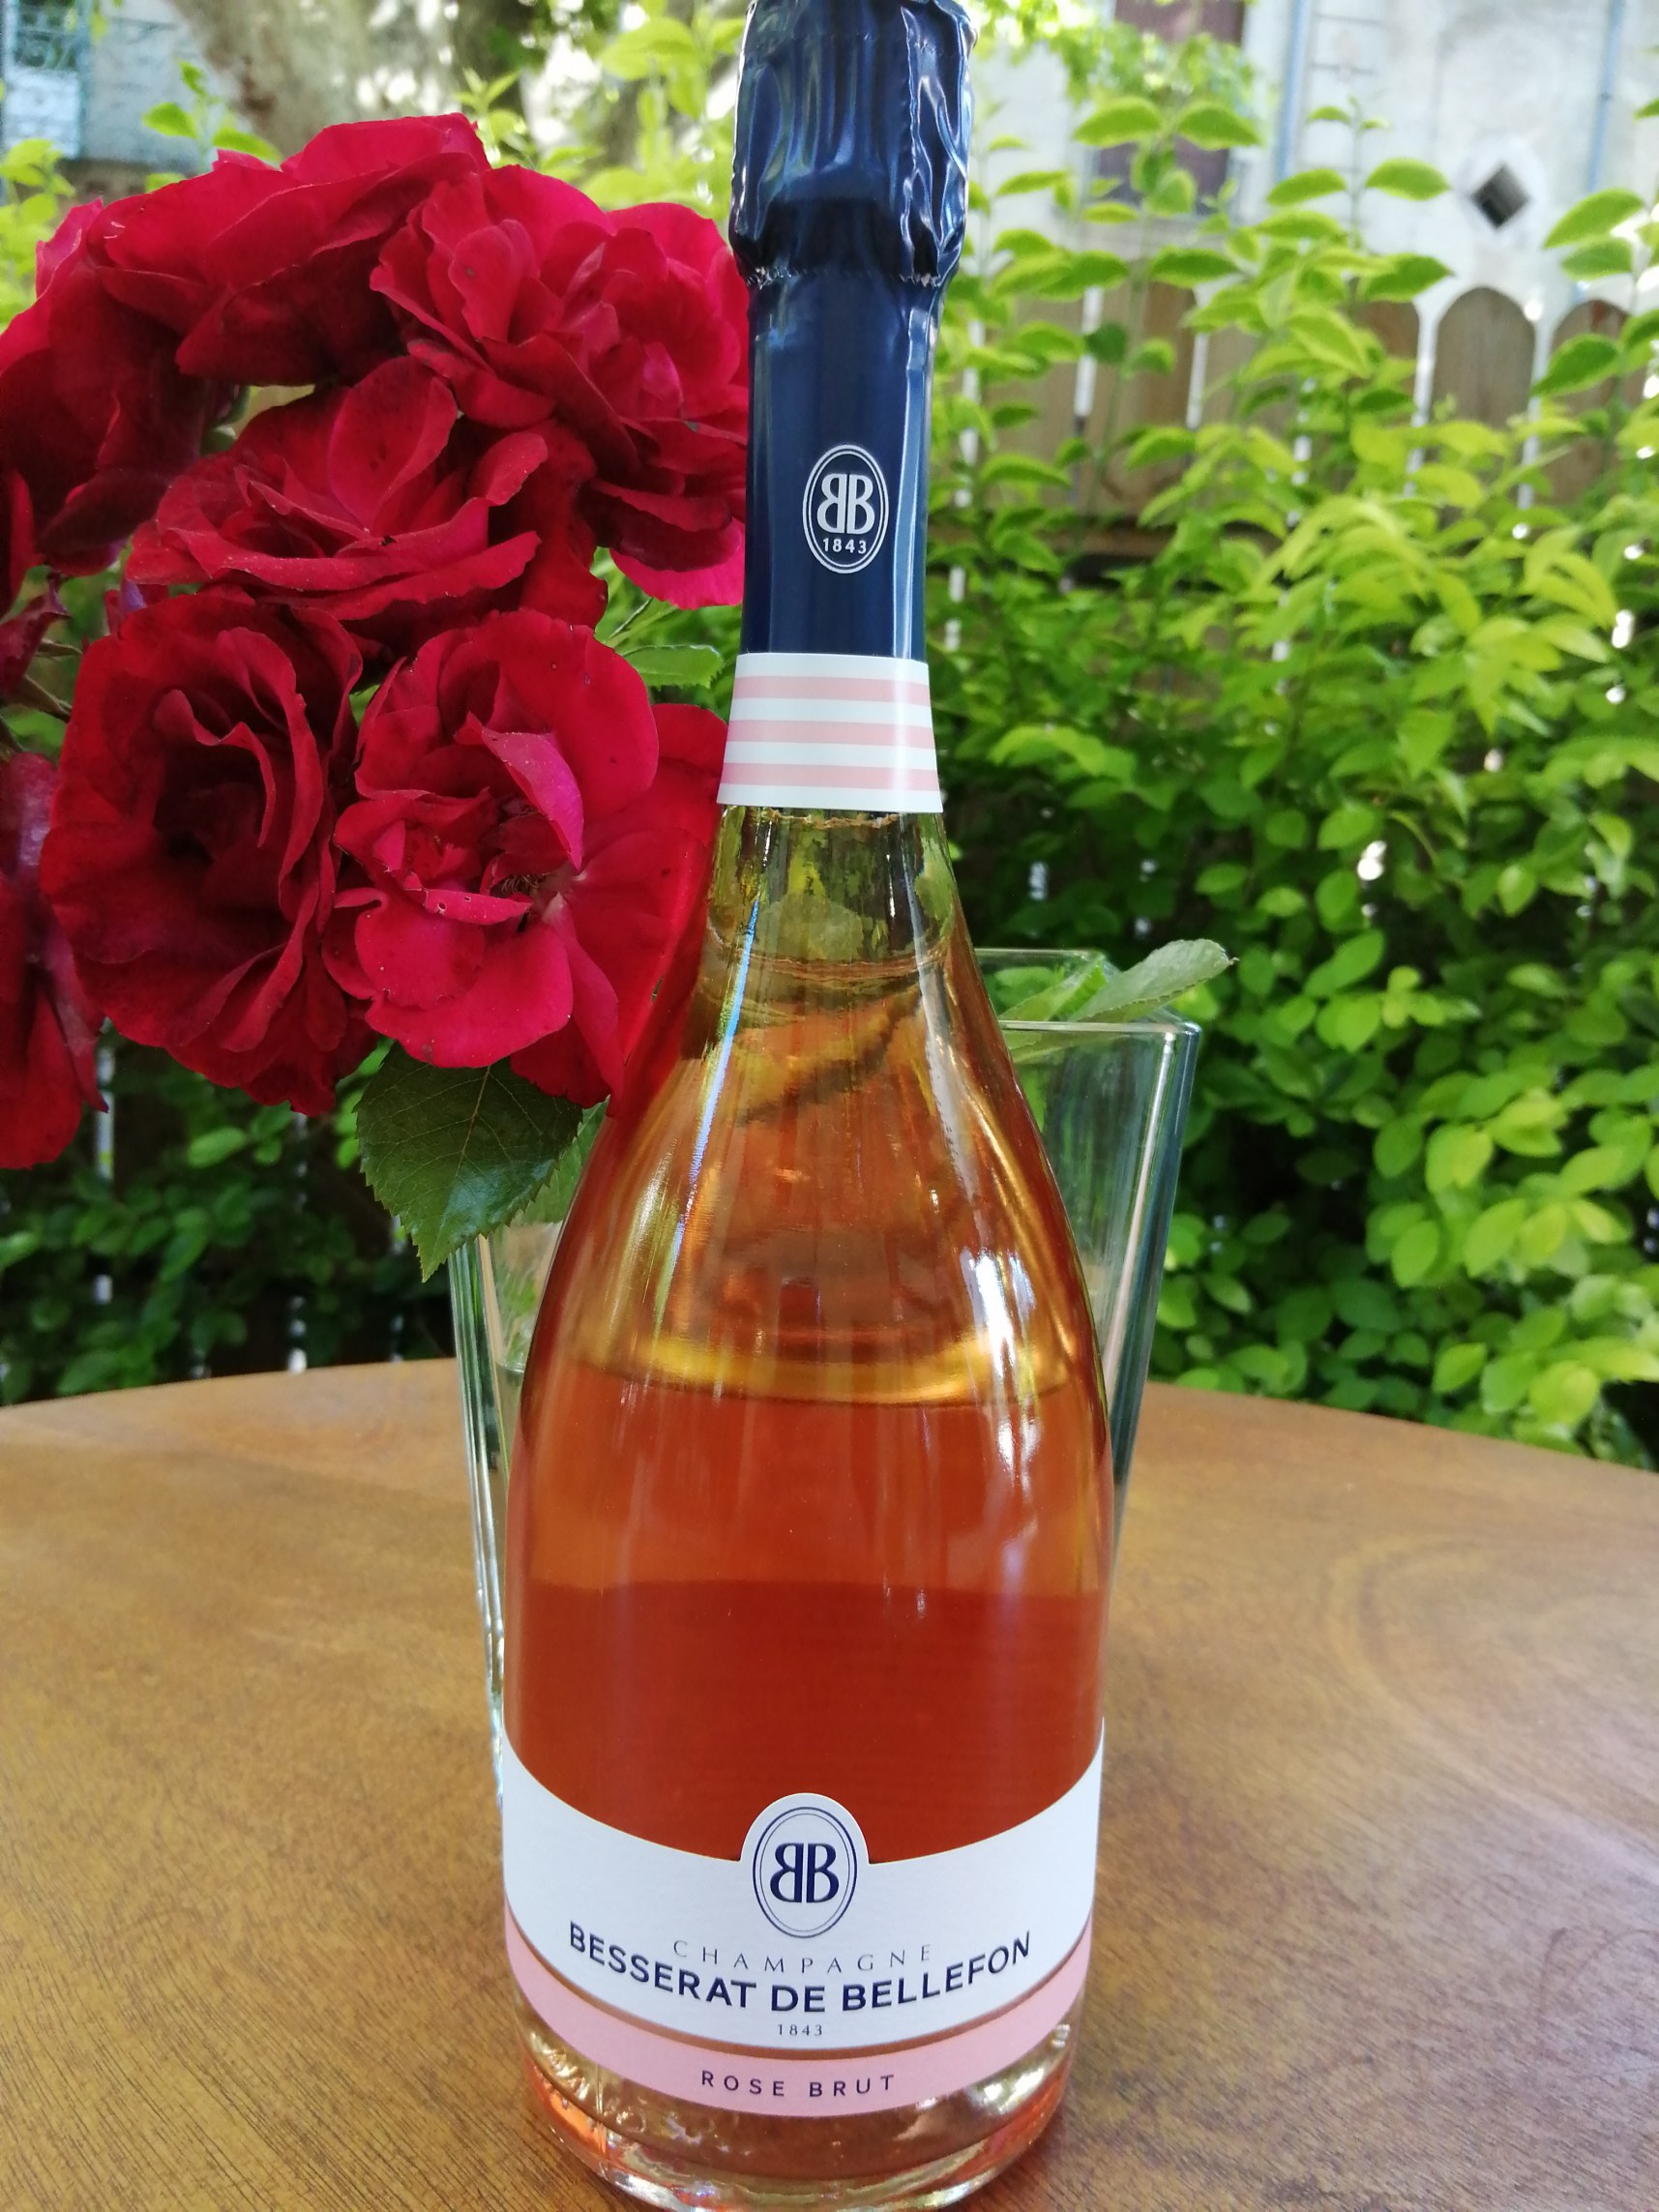 Chamapgne Besserat de Bellefon. Rosé Brut.